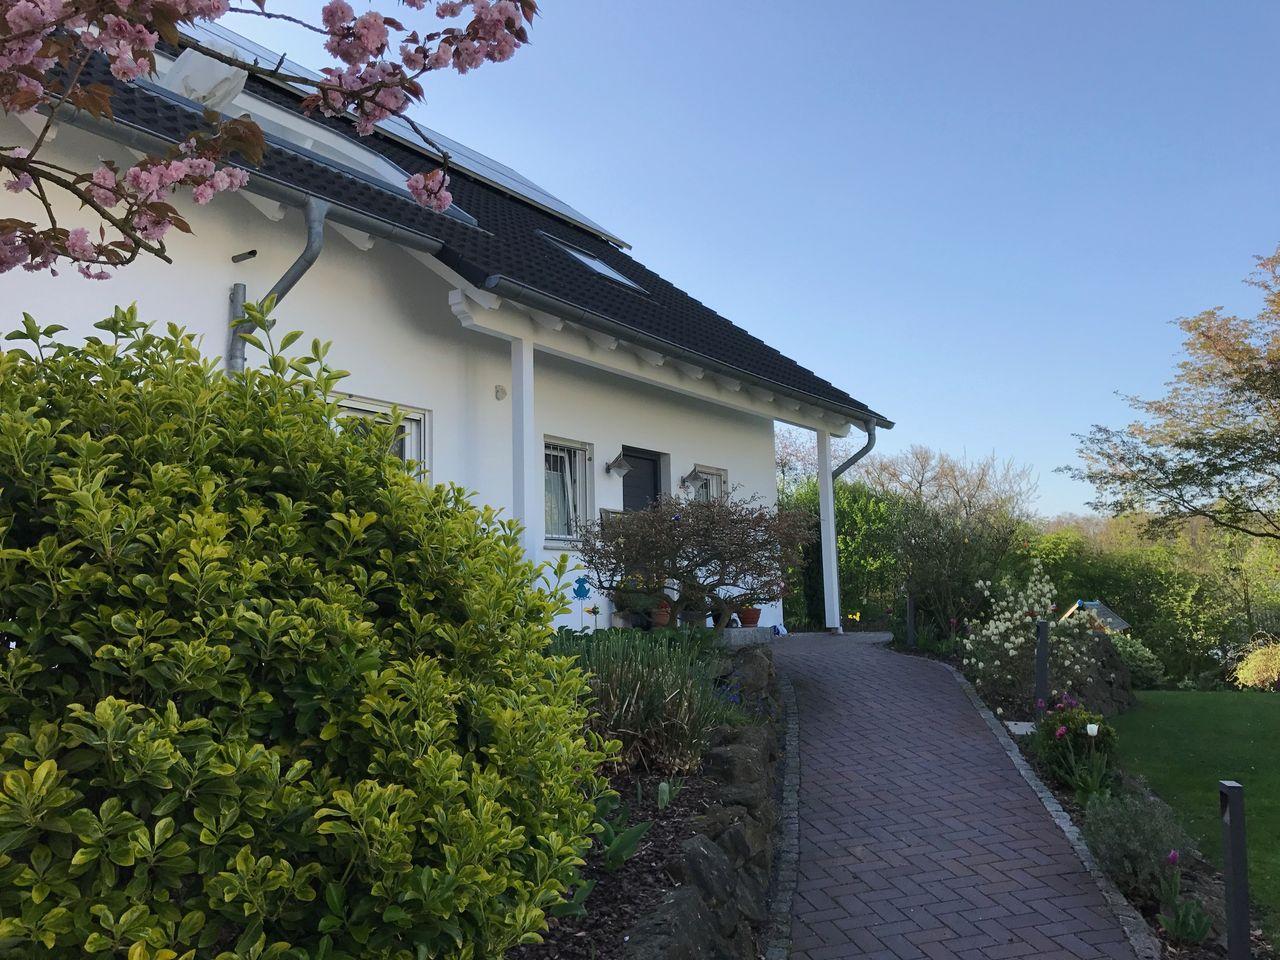 Kuhlmannweg